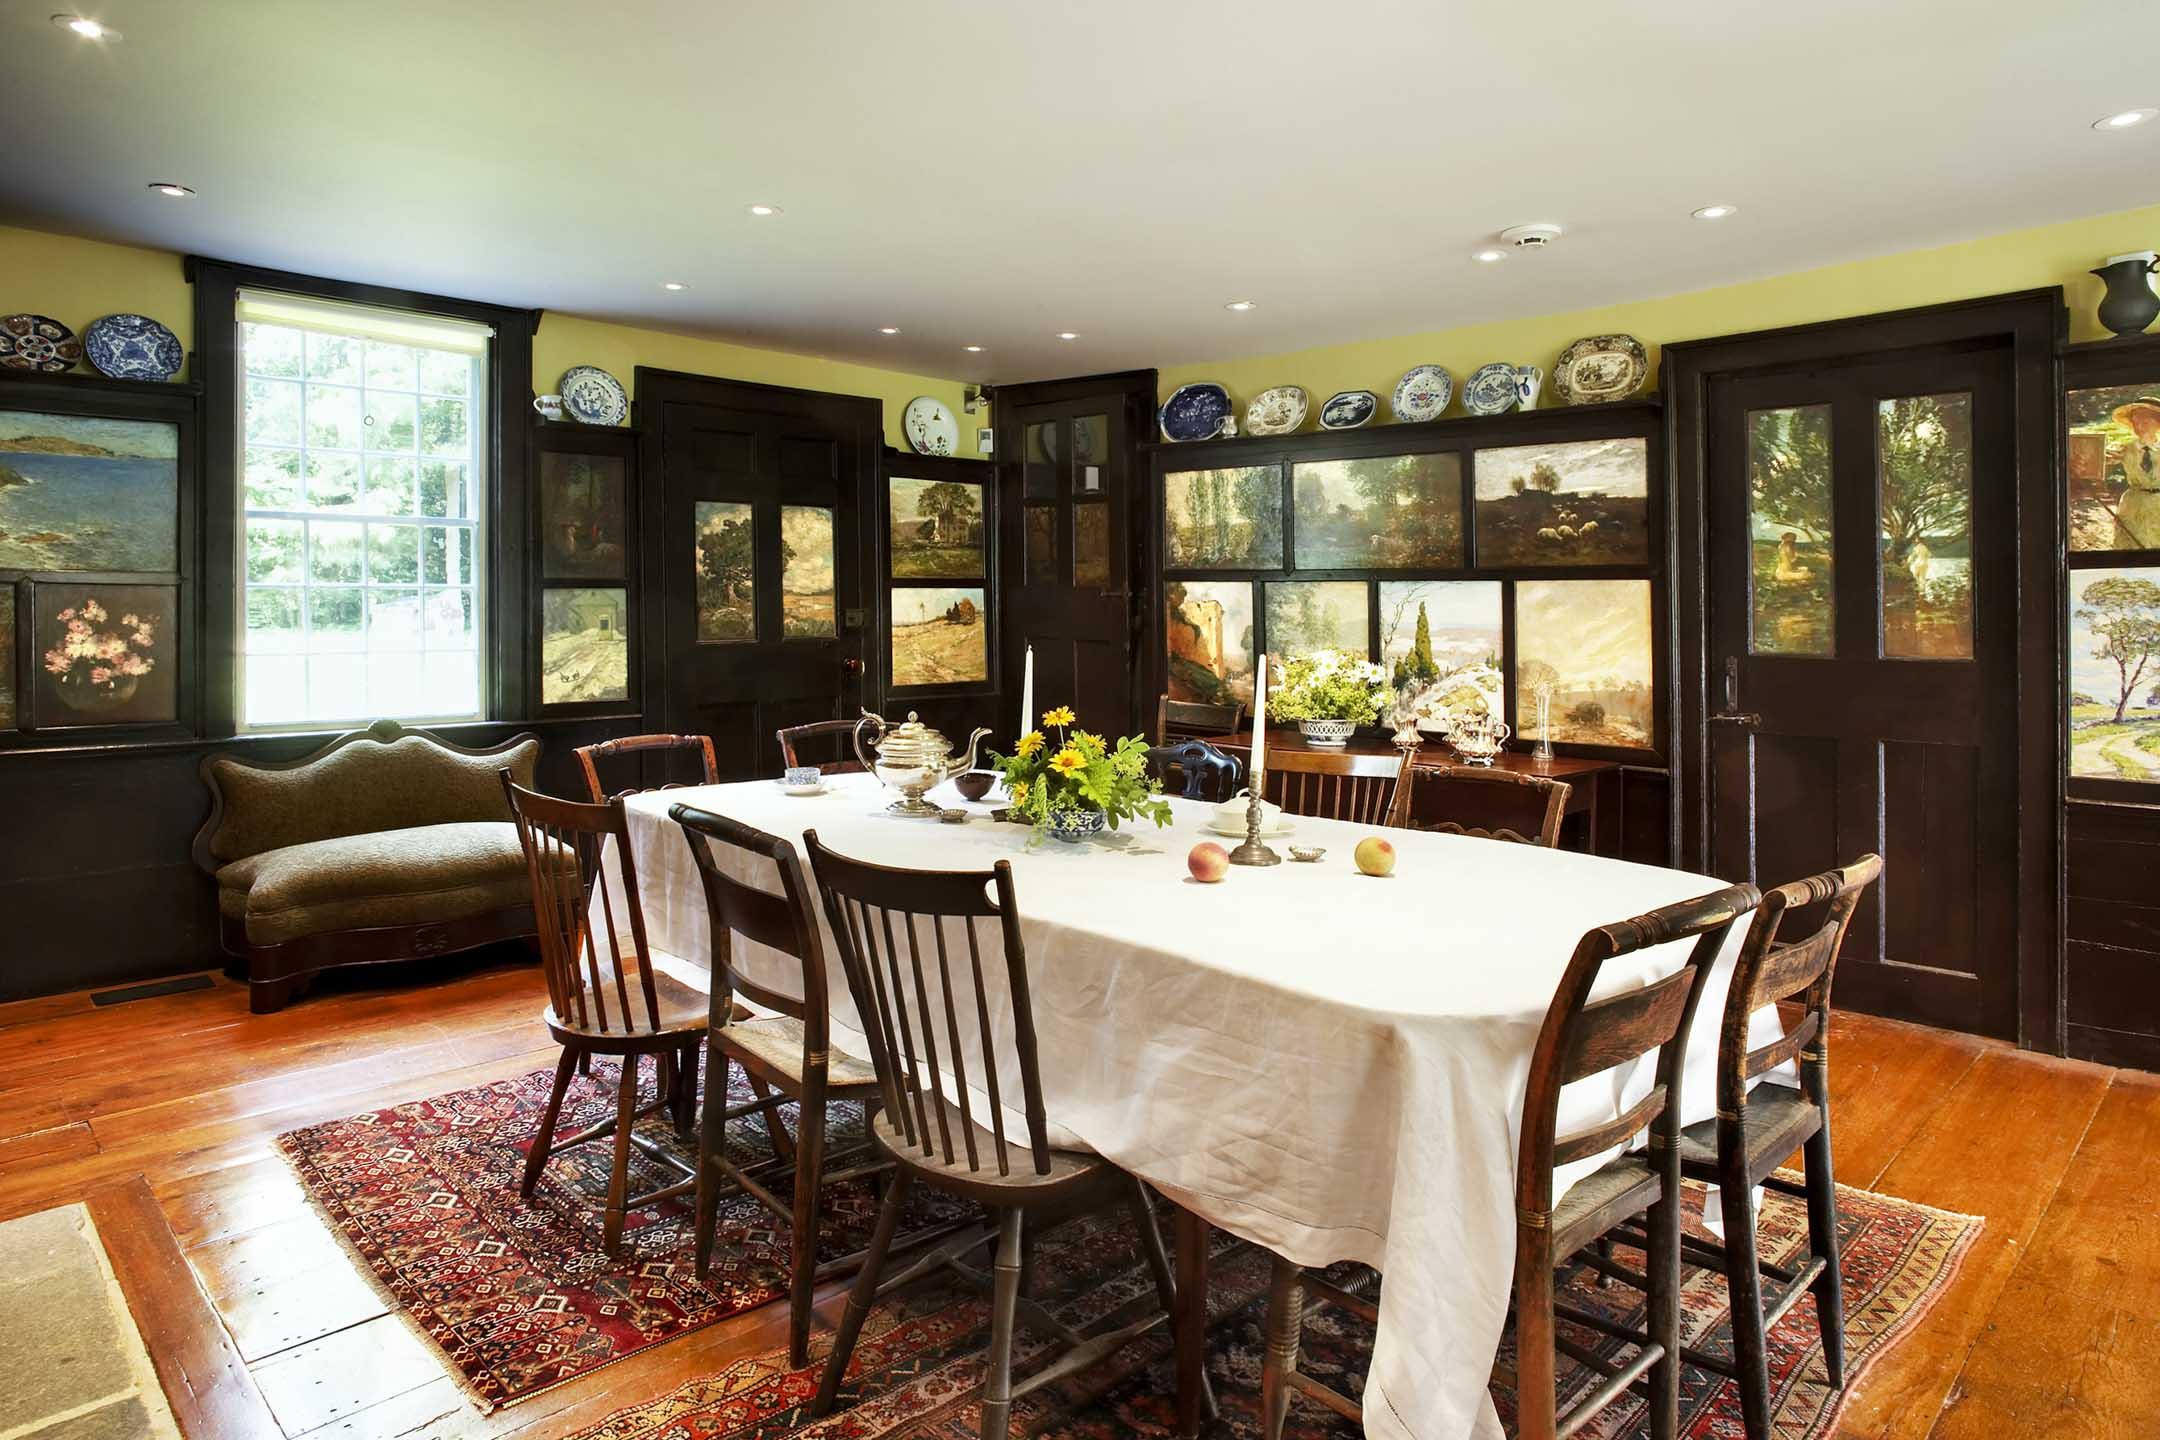 弗洛倫斯小姐的餐廳,牆壁和門板上被藝術家們畫滿了油畫。 圖:提供Florence Griswold博物館提供